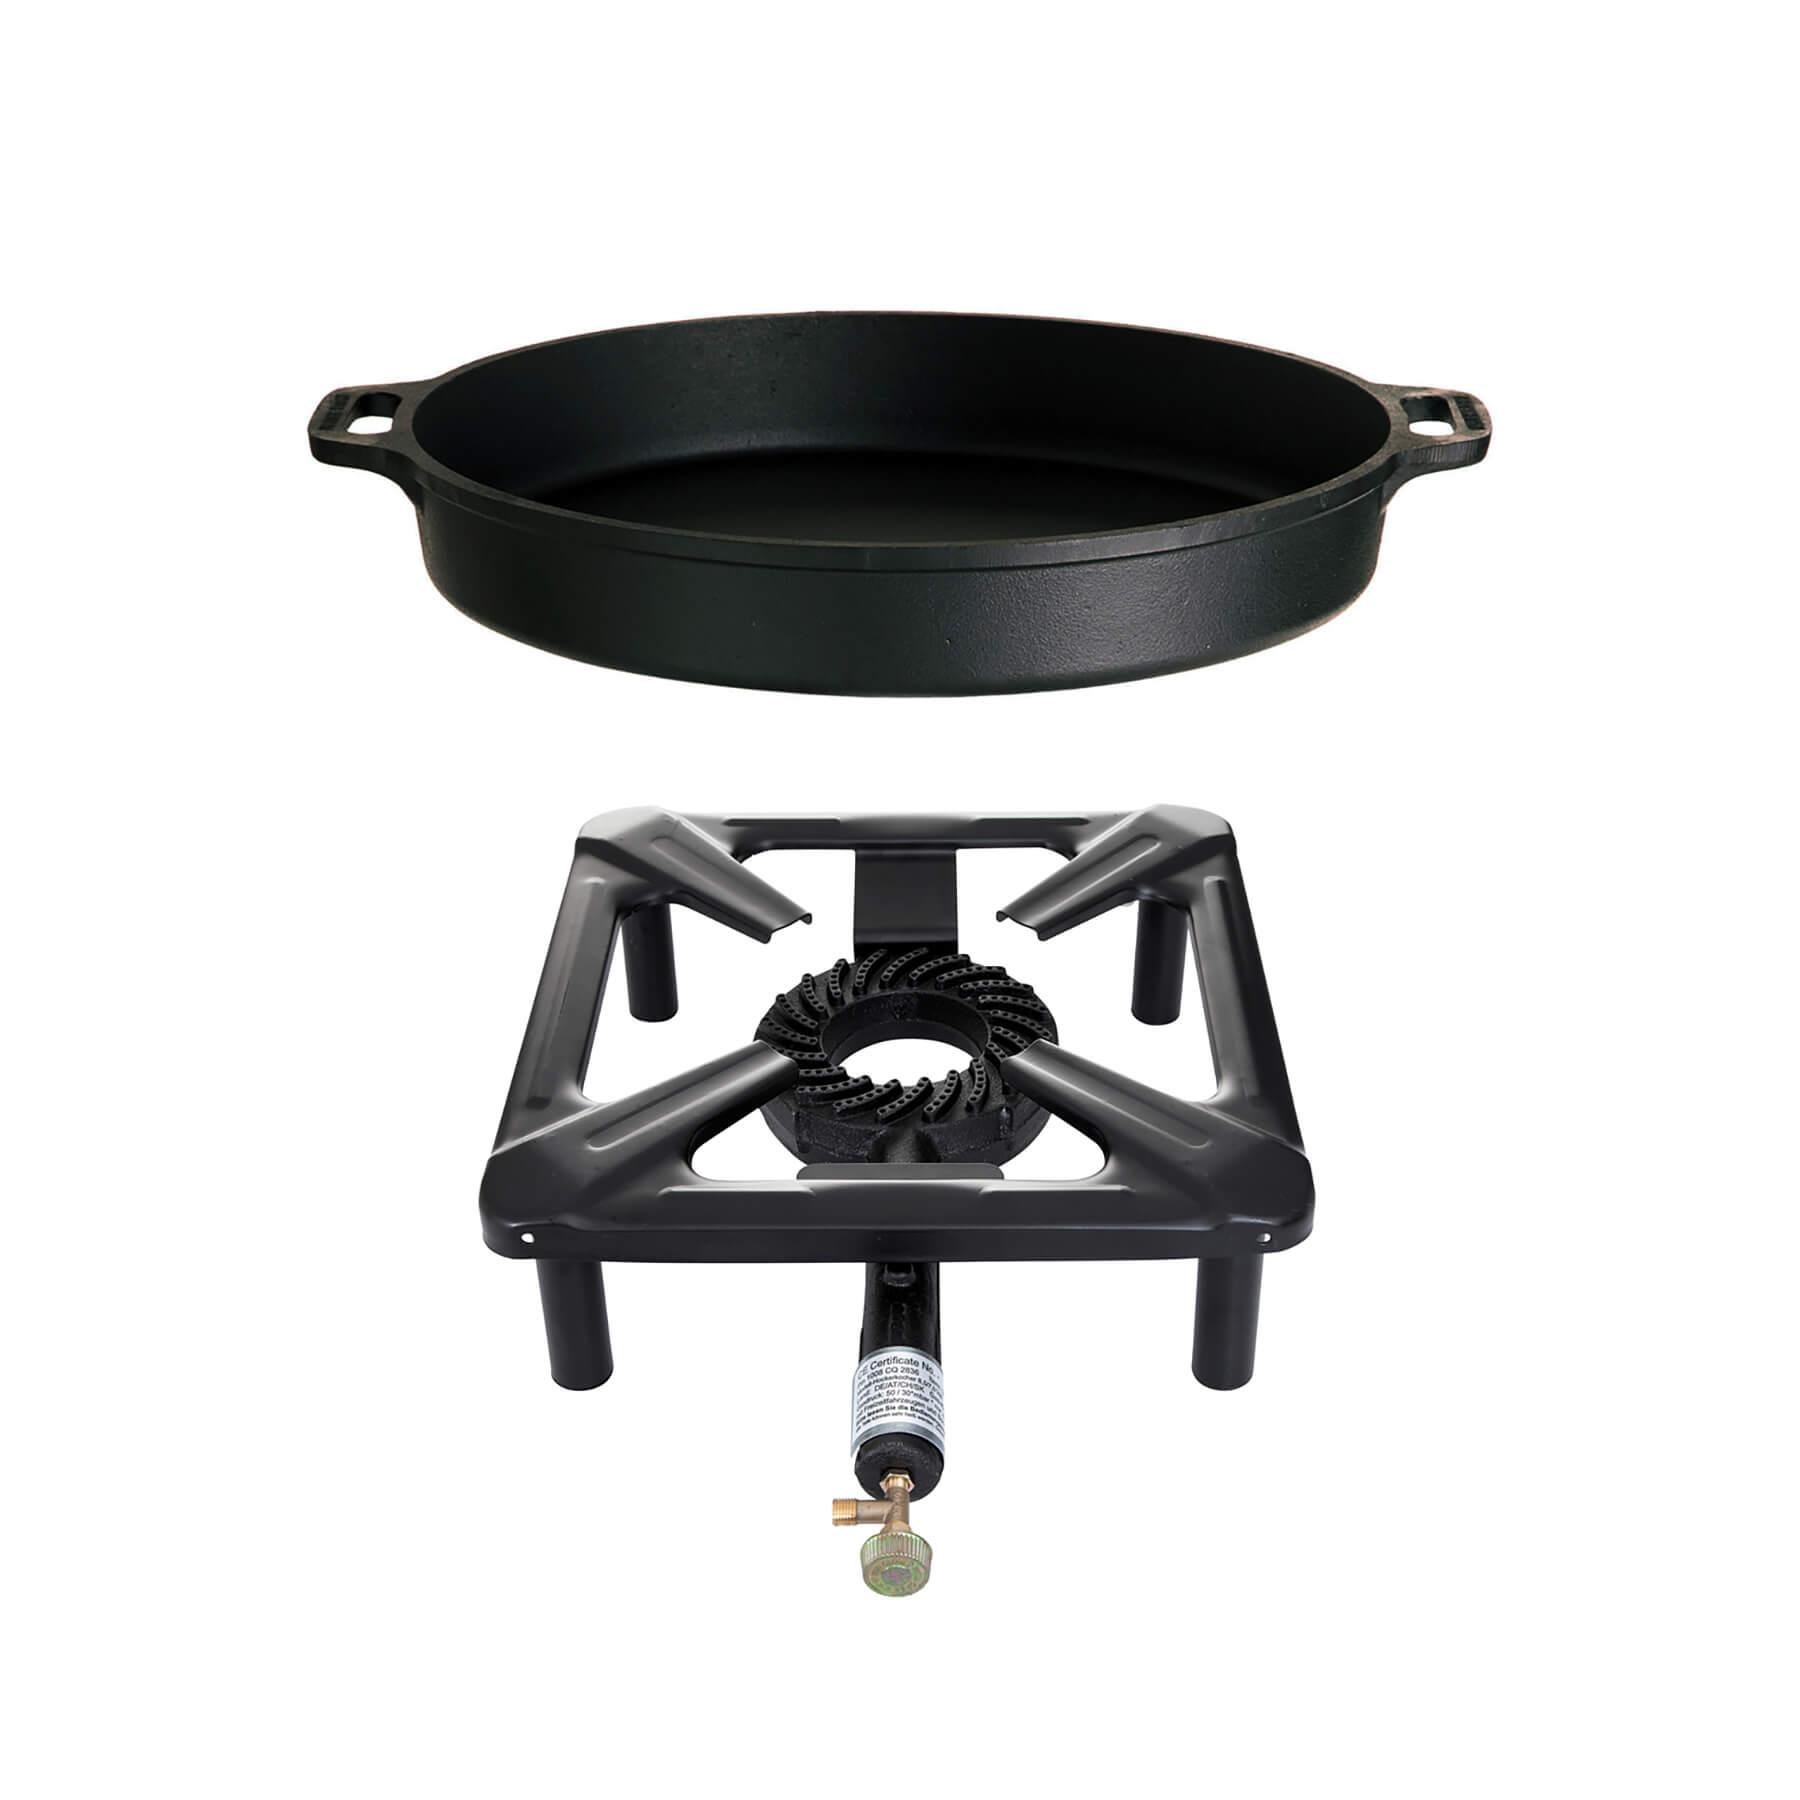 Hockerkocher-Set (groß) mit Gusseisenpfanne Ø 50 cm - ohne Zündsicherung Bild 1